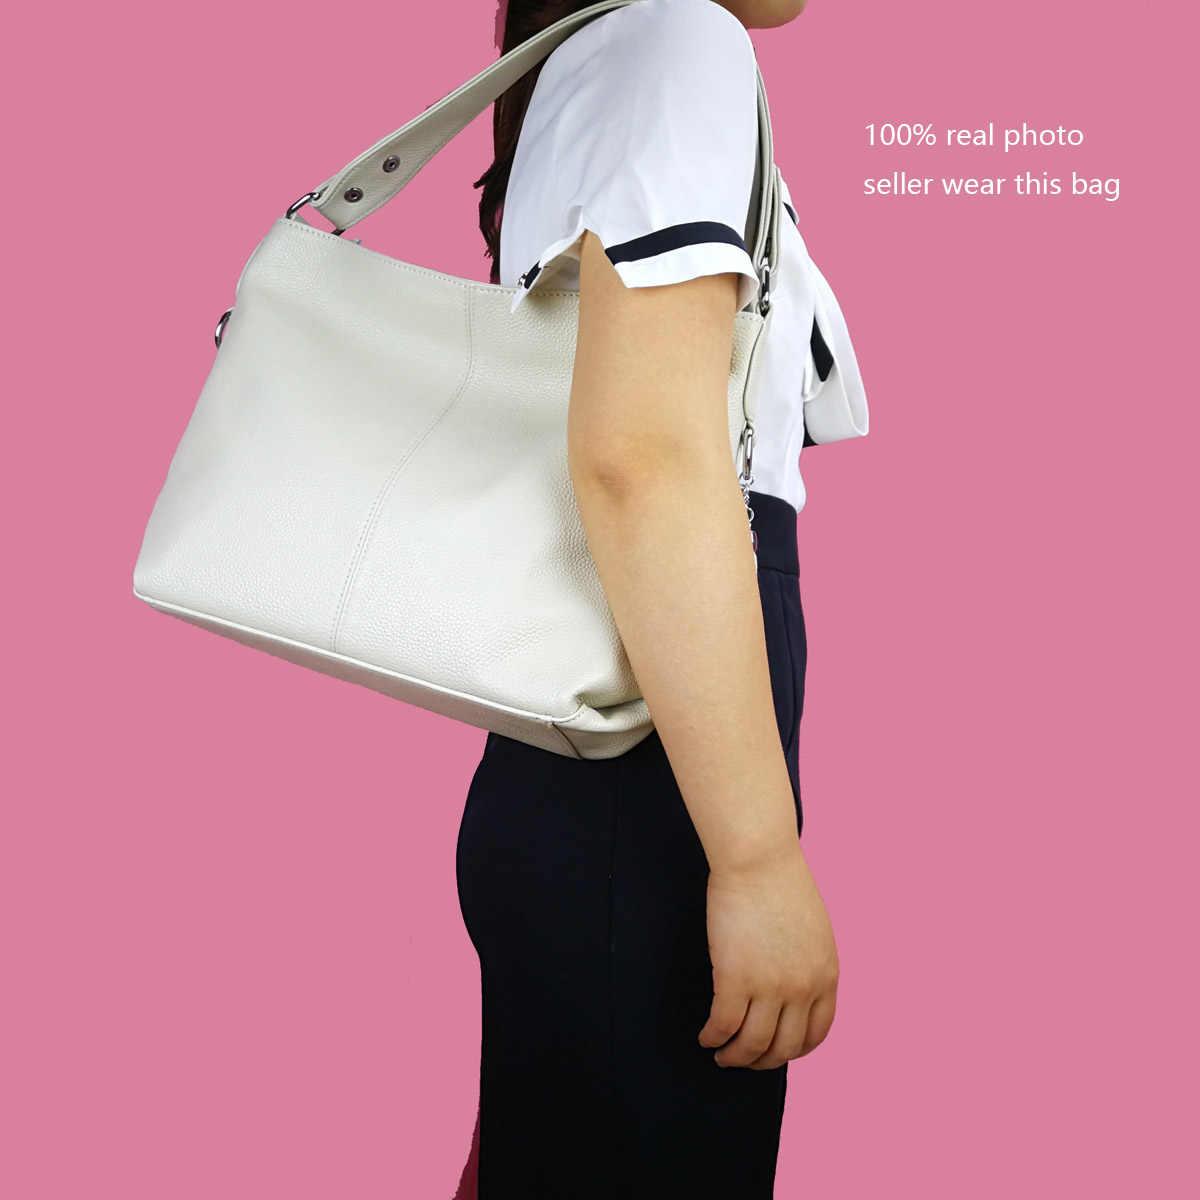 ZENCY, 100% натуральная коровья кожа, женская сумка, первый слой, Воловья кожа, длинная ручка, сумка на плечо, ранец, белые, серебристые, серые, розовые сумки